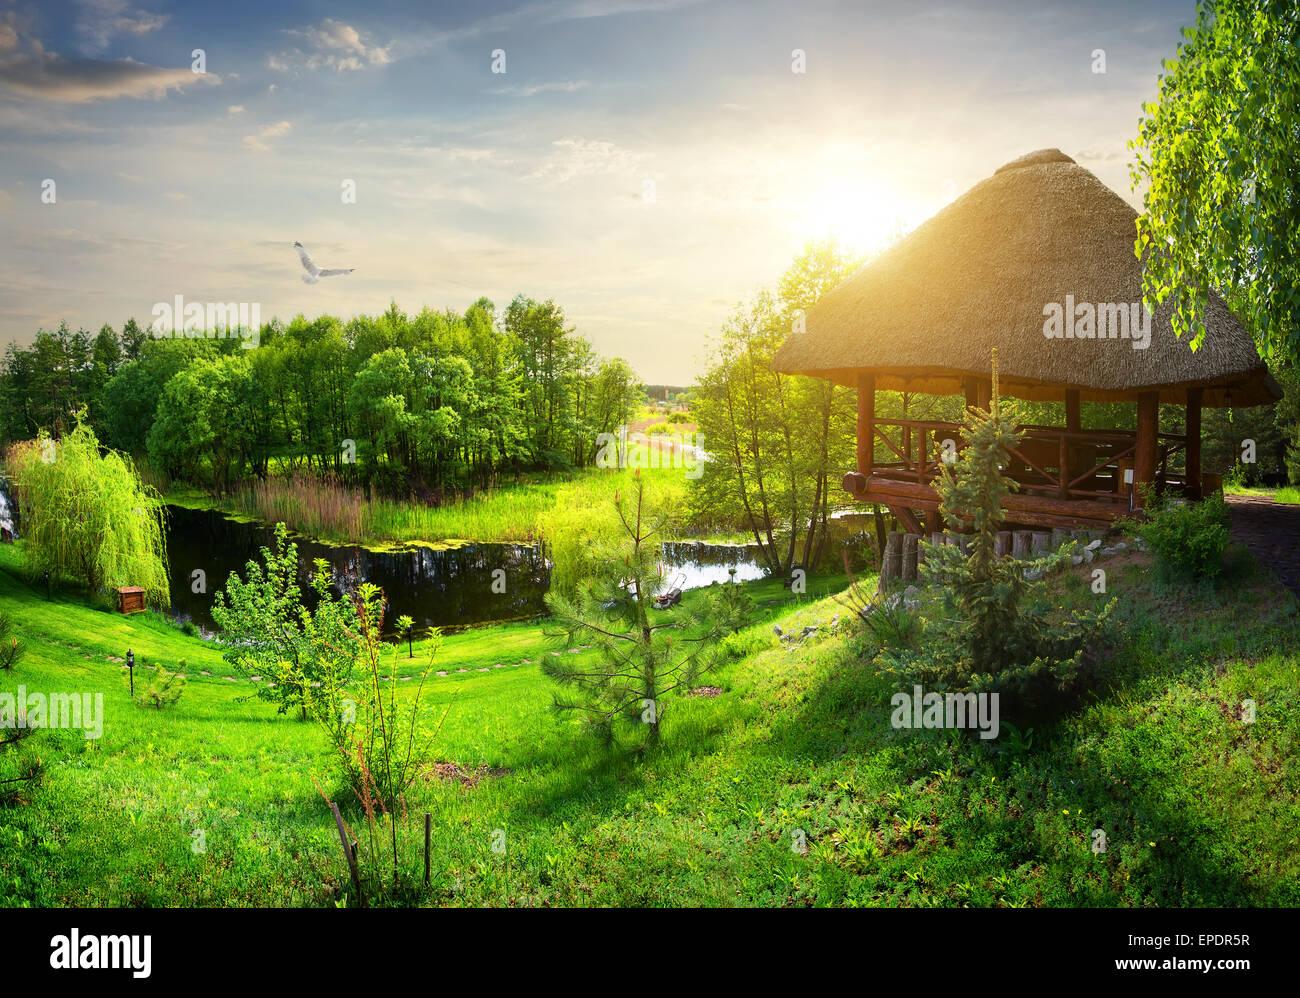 Pergolato in legno con tetto di paglia vicino al fiume Immagini Stock